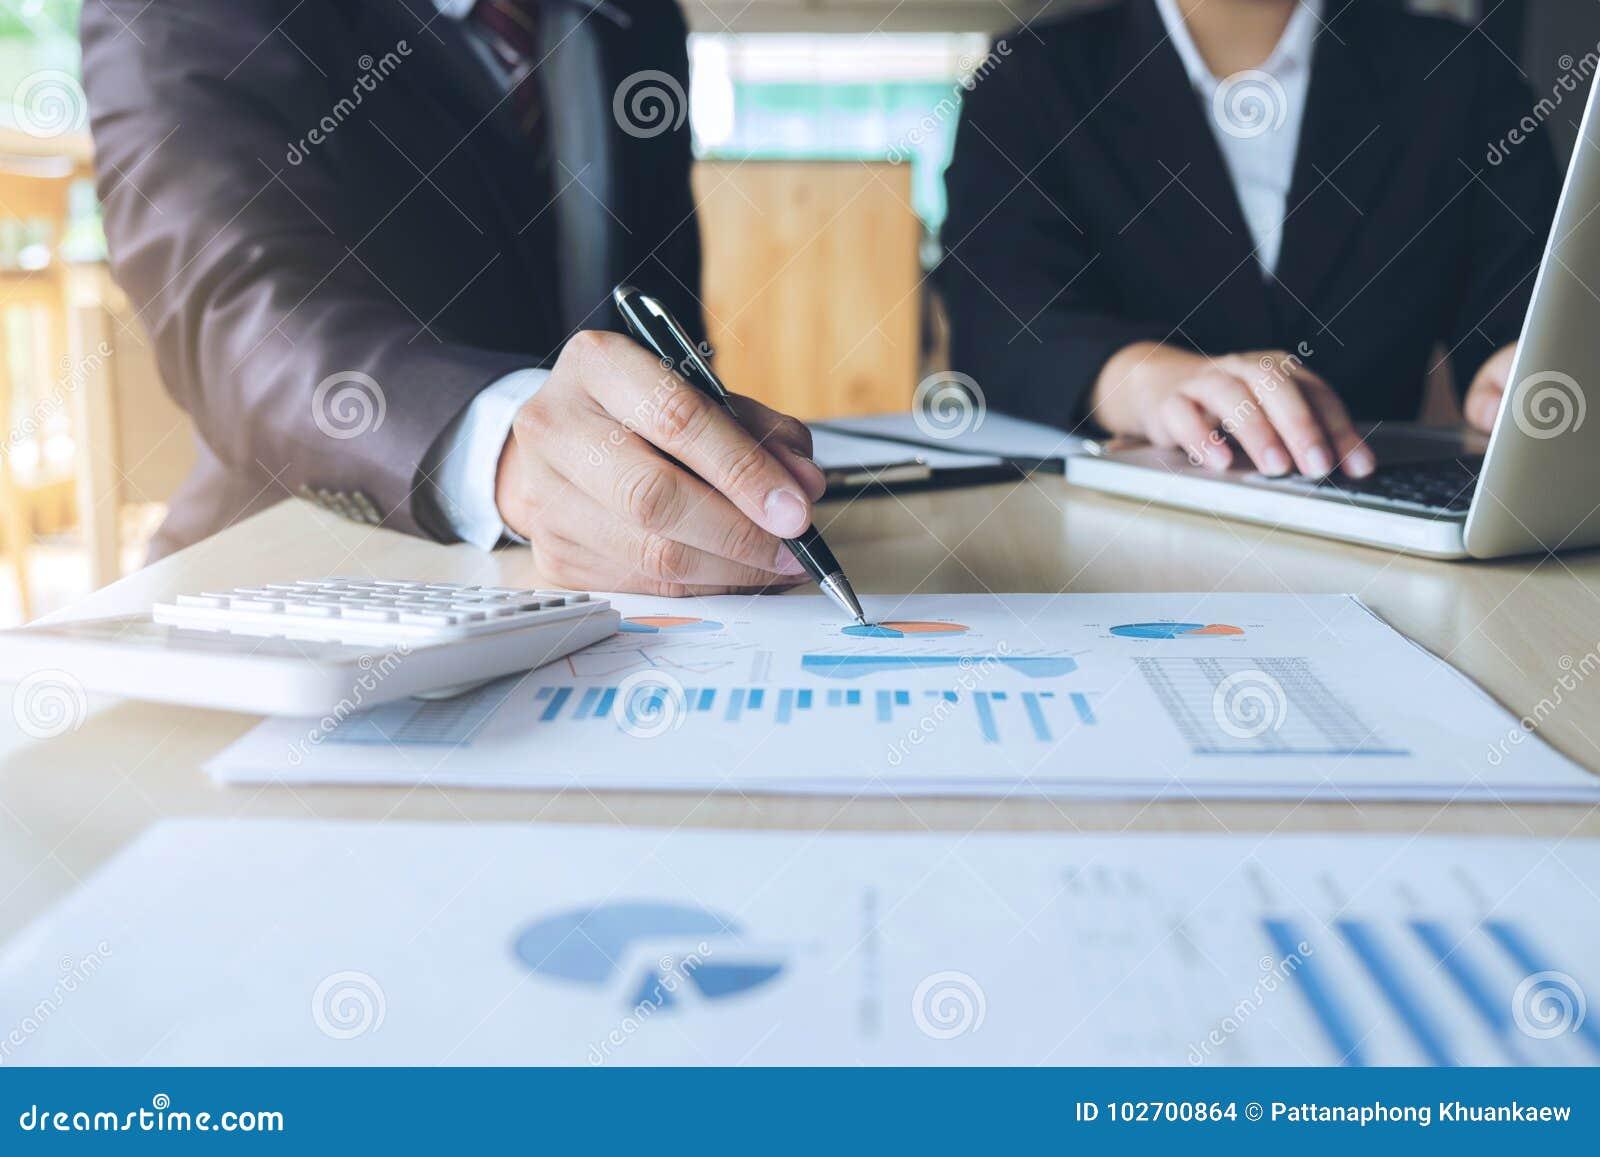 Сыгранность анализа коллег дела 2 с финансовыми данными